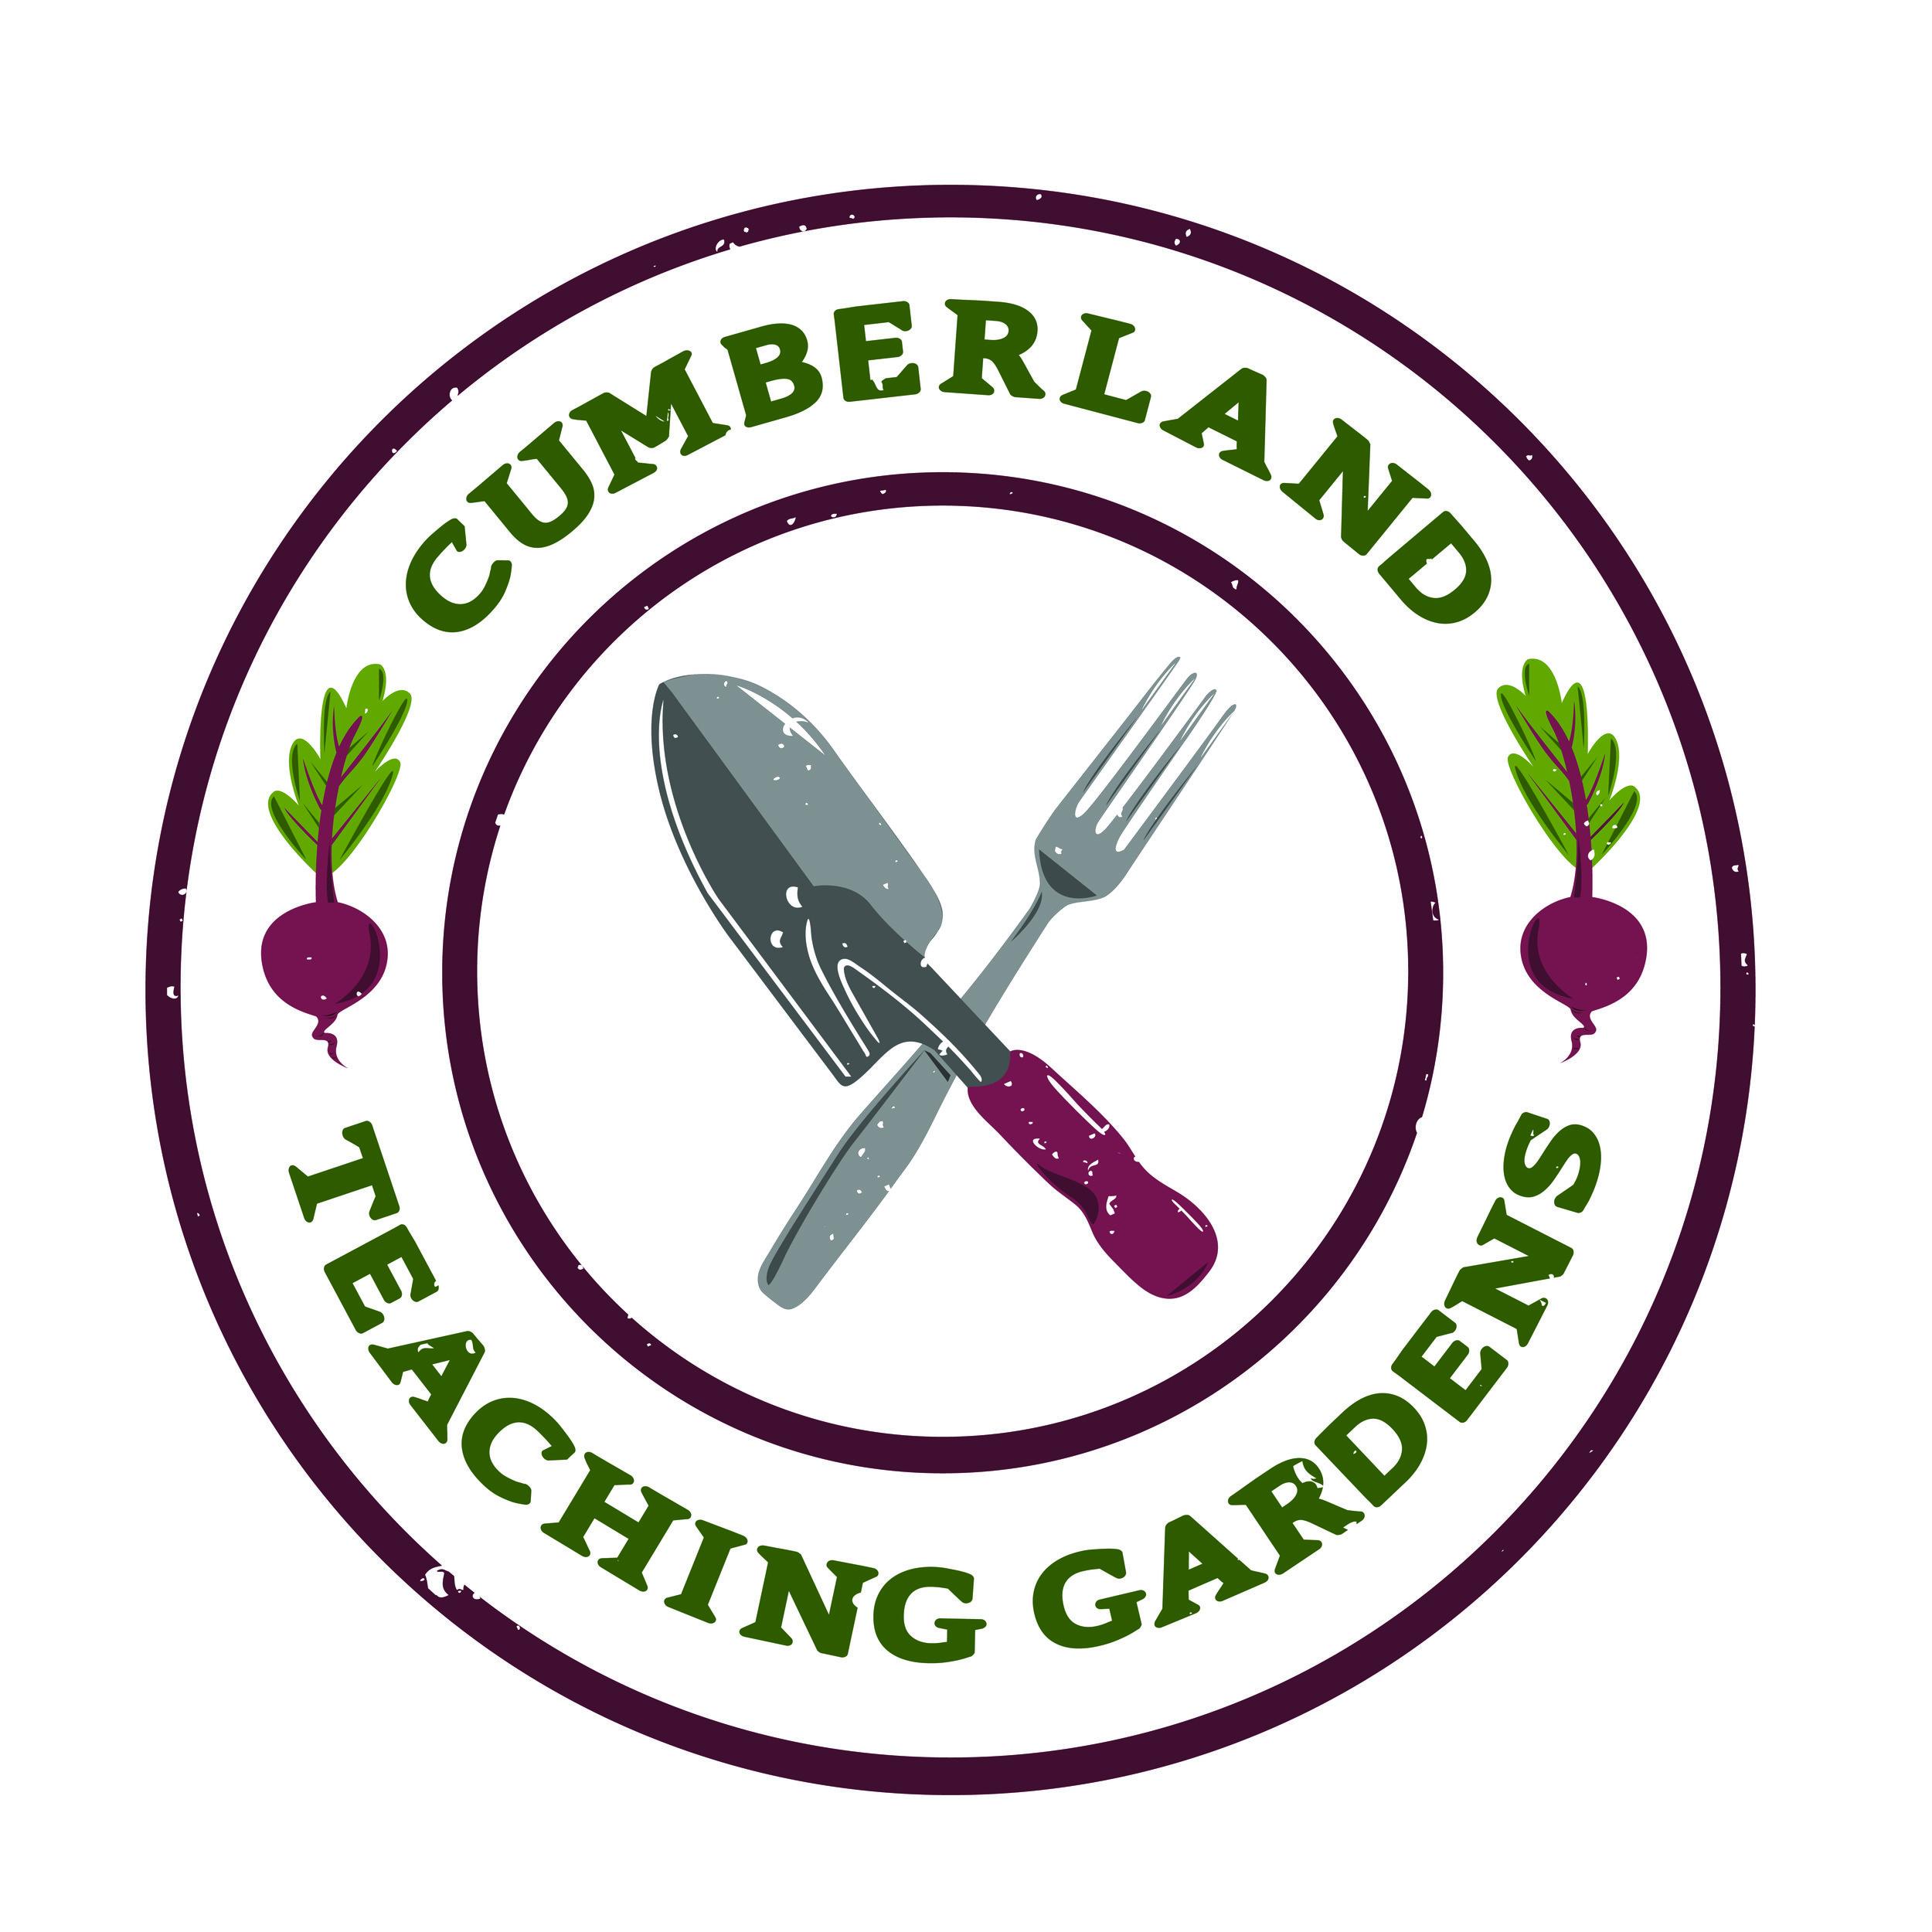 Cumberland Teaching Gardens